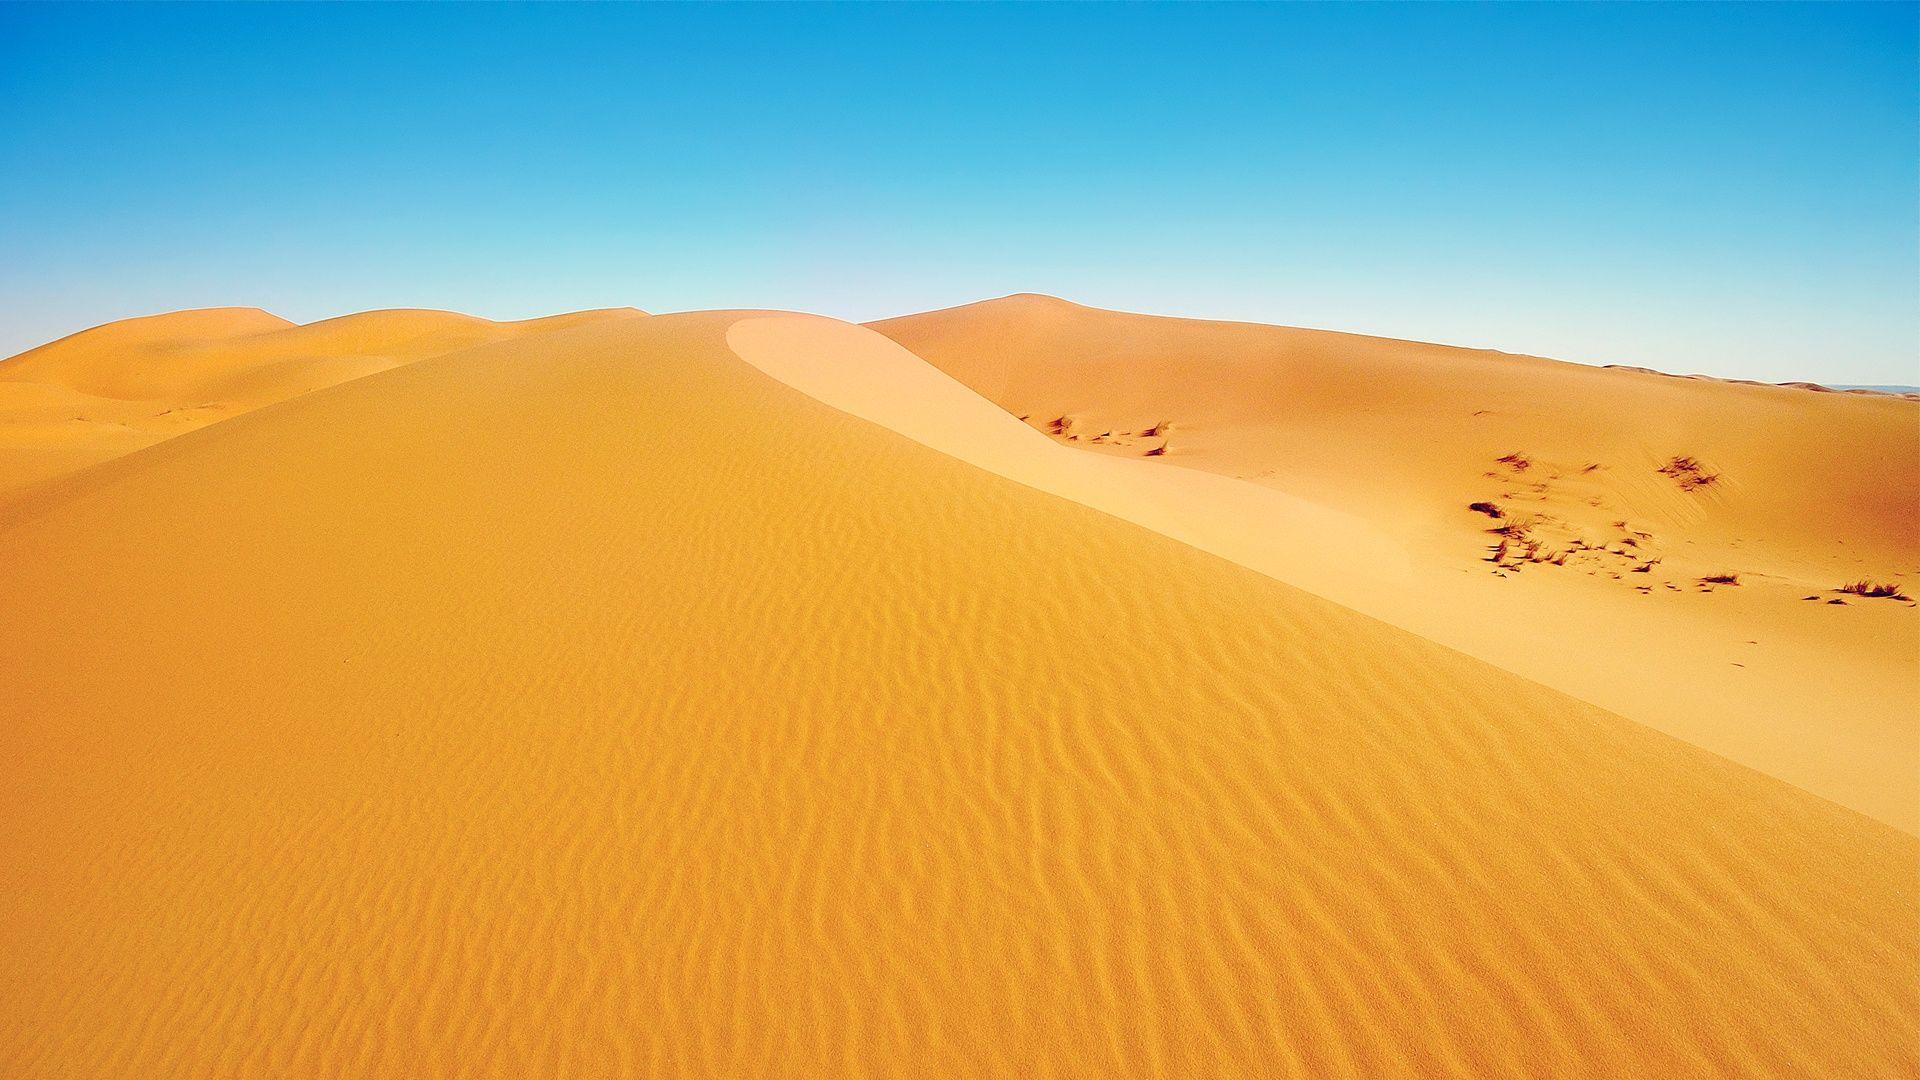 Sahara Desert Sand Wallpaper Desert Background Nature Desert Hills